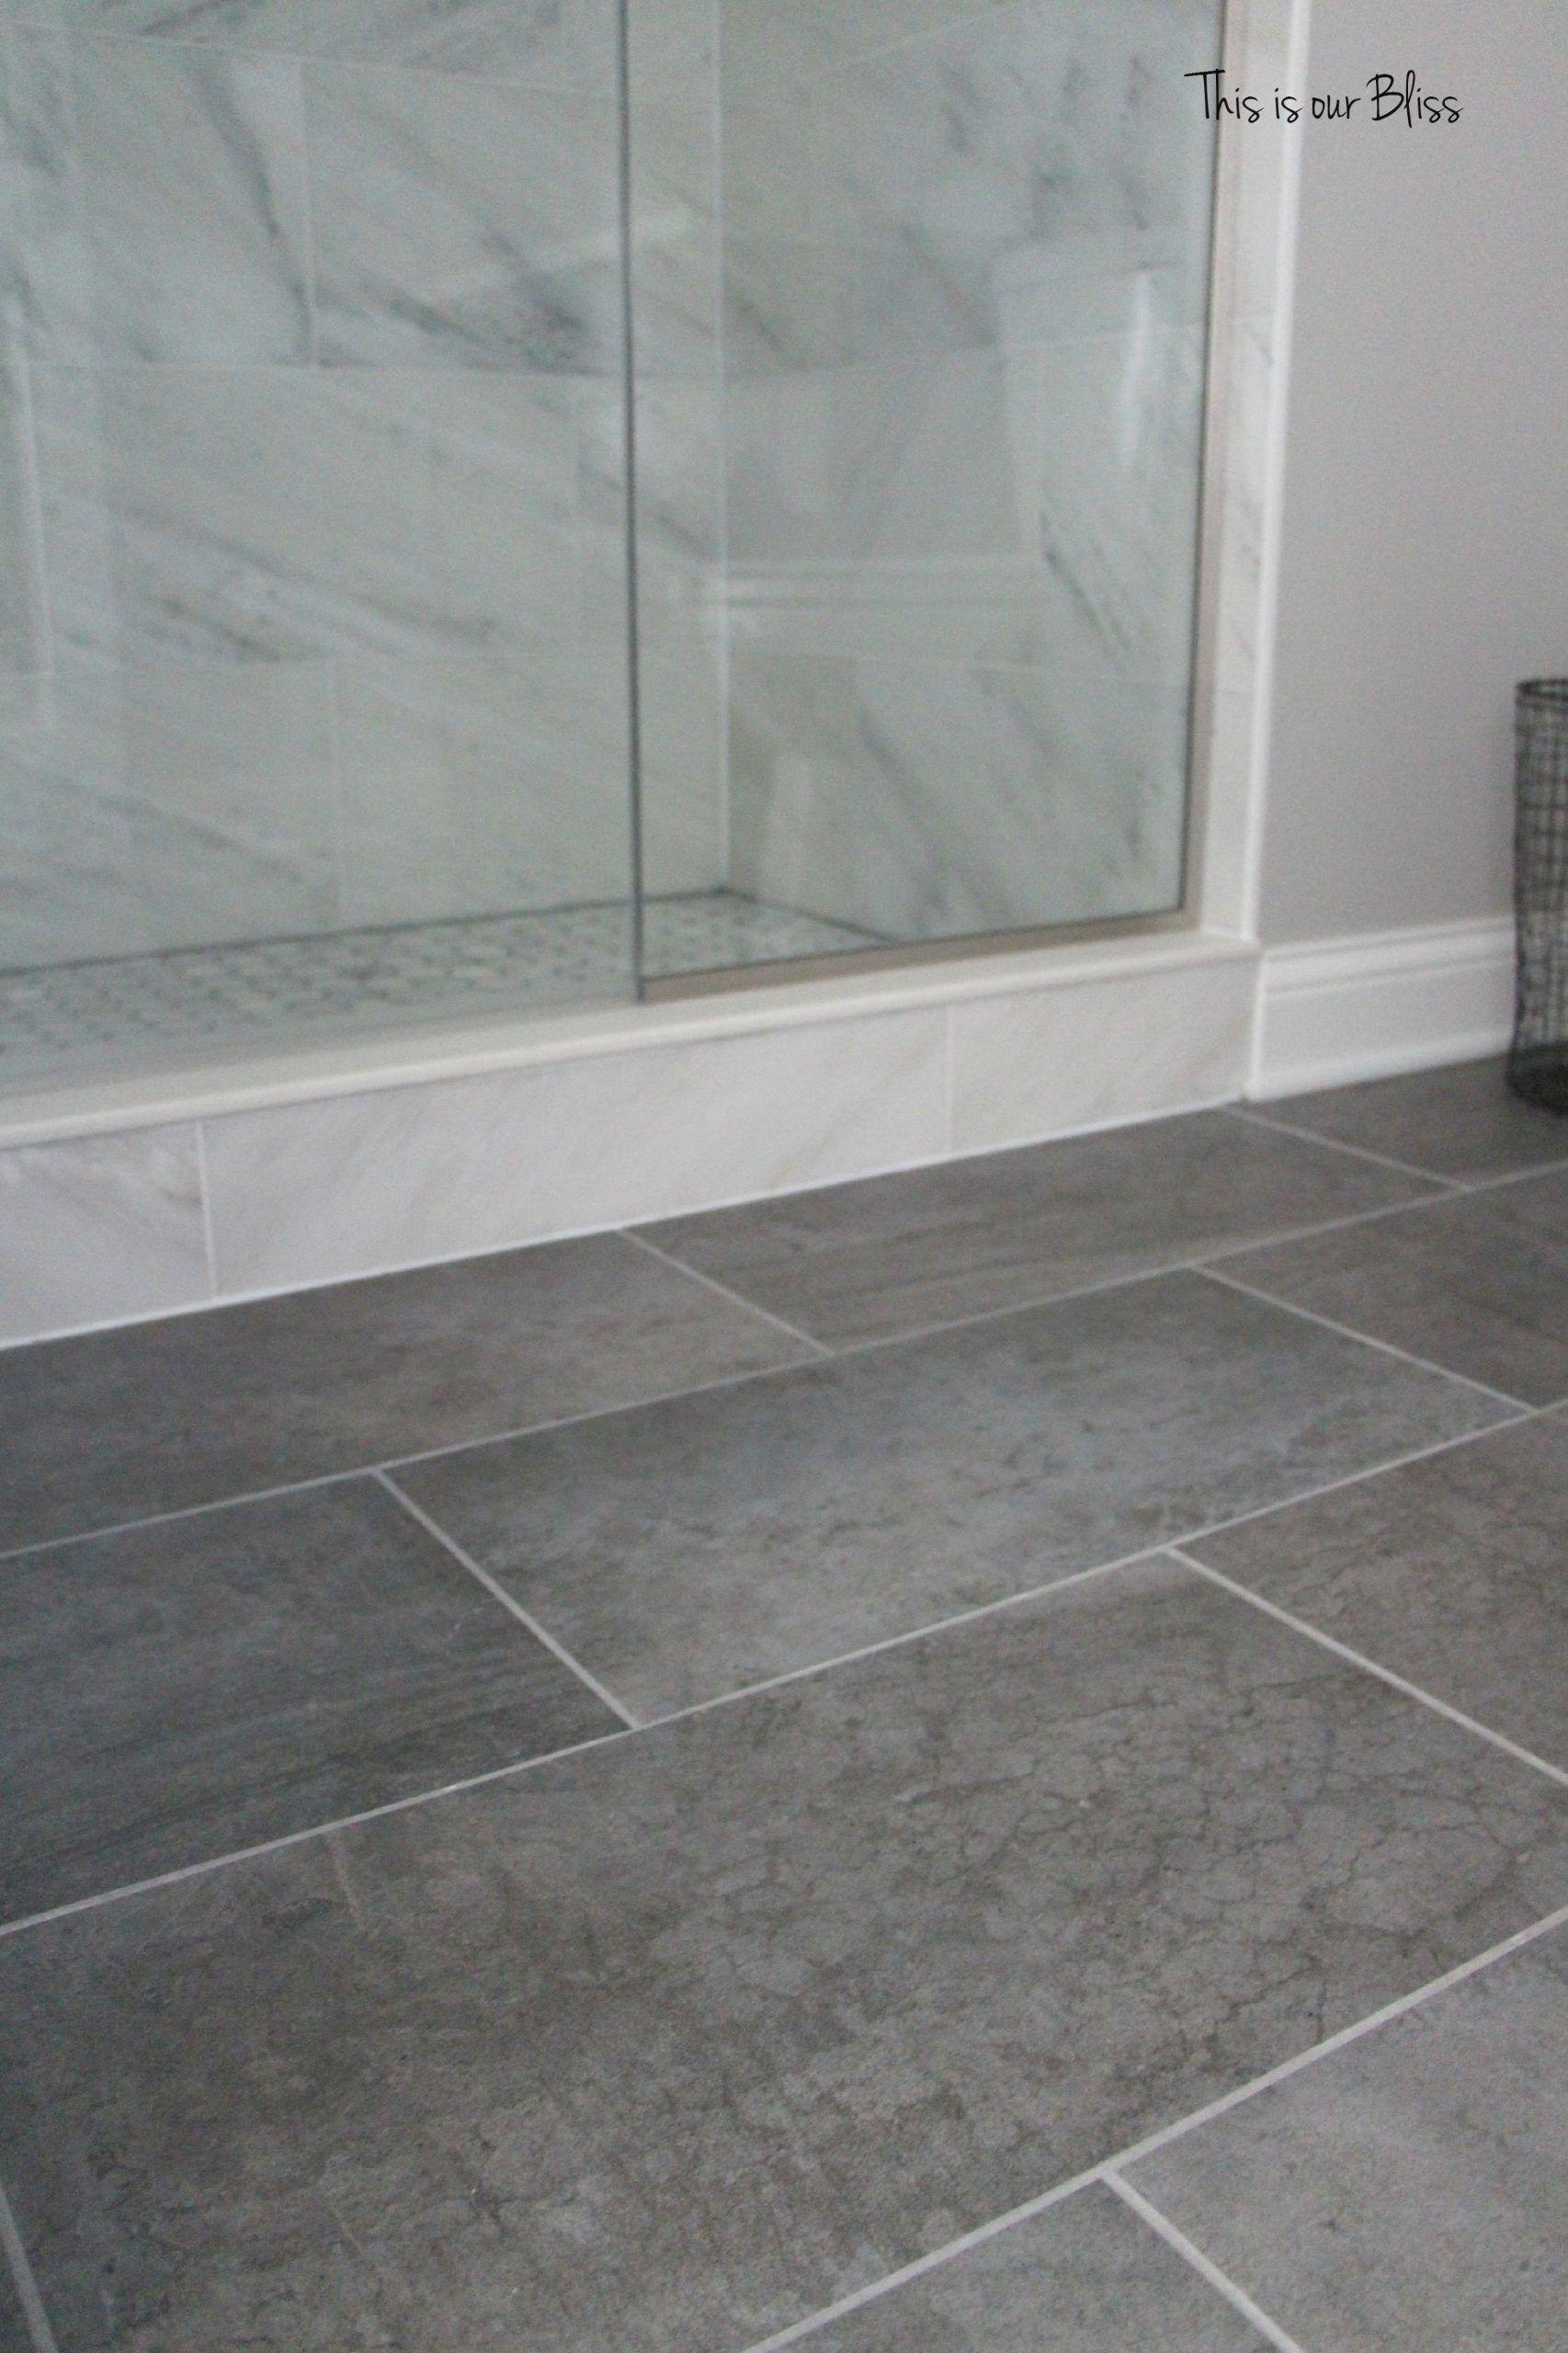 Grey Bathroom Floor Tiles Ideas Marble Tile Bathroom Gray Tile Bathroom Floor Grey Bathroom Tiles Gray bathroom floor tiles